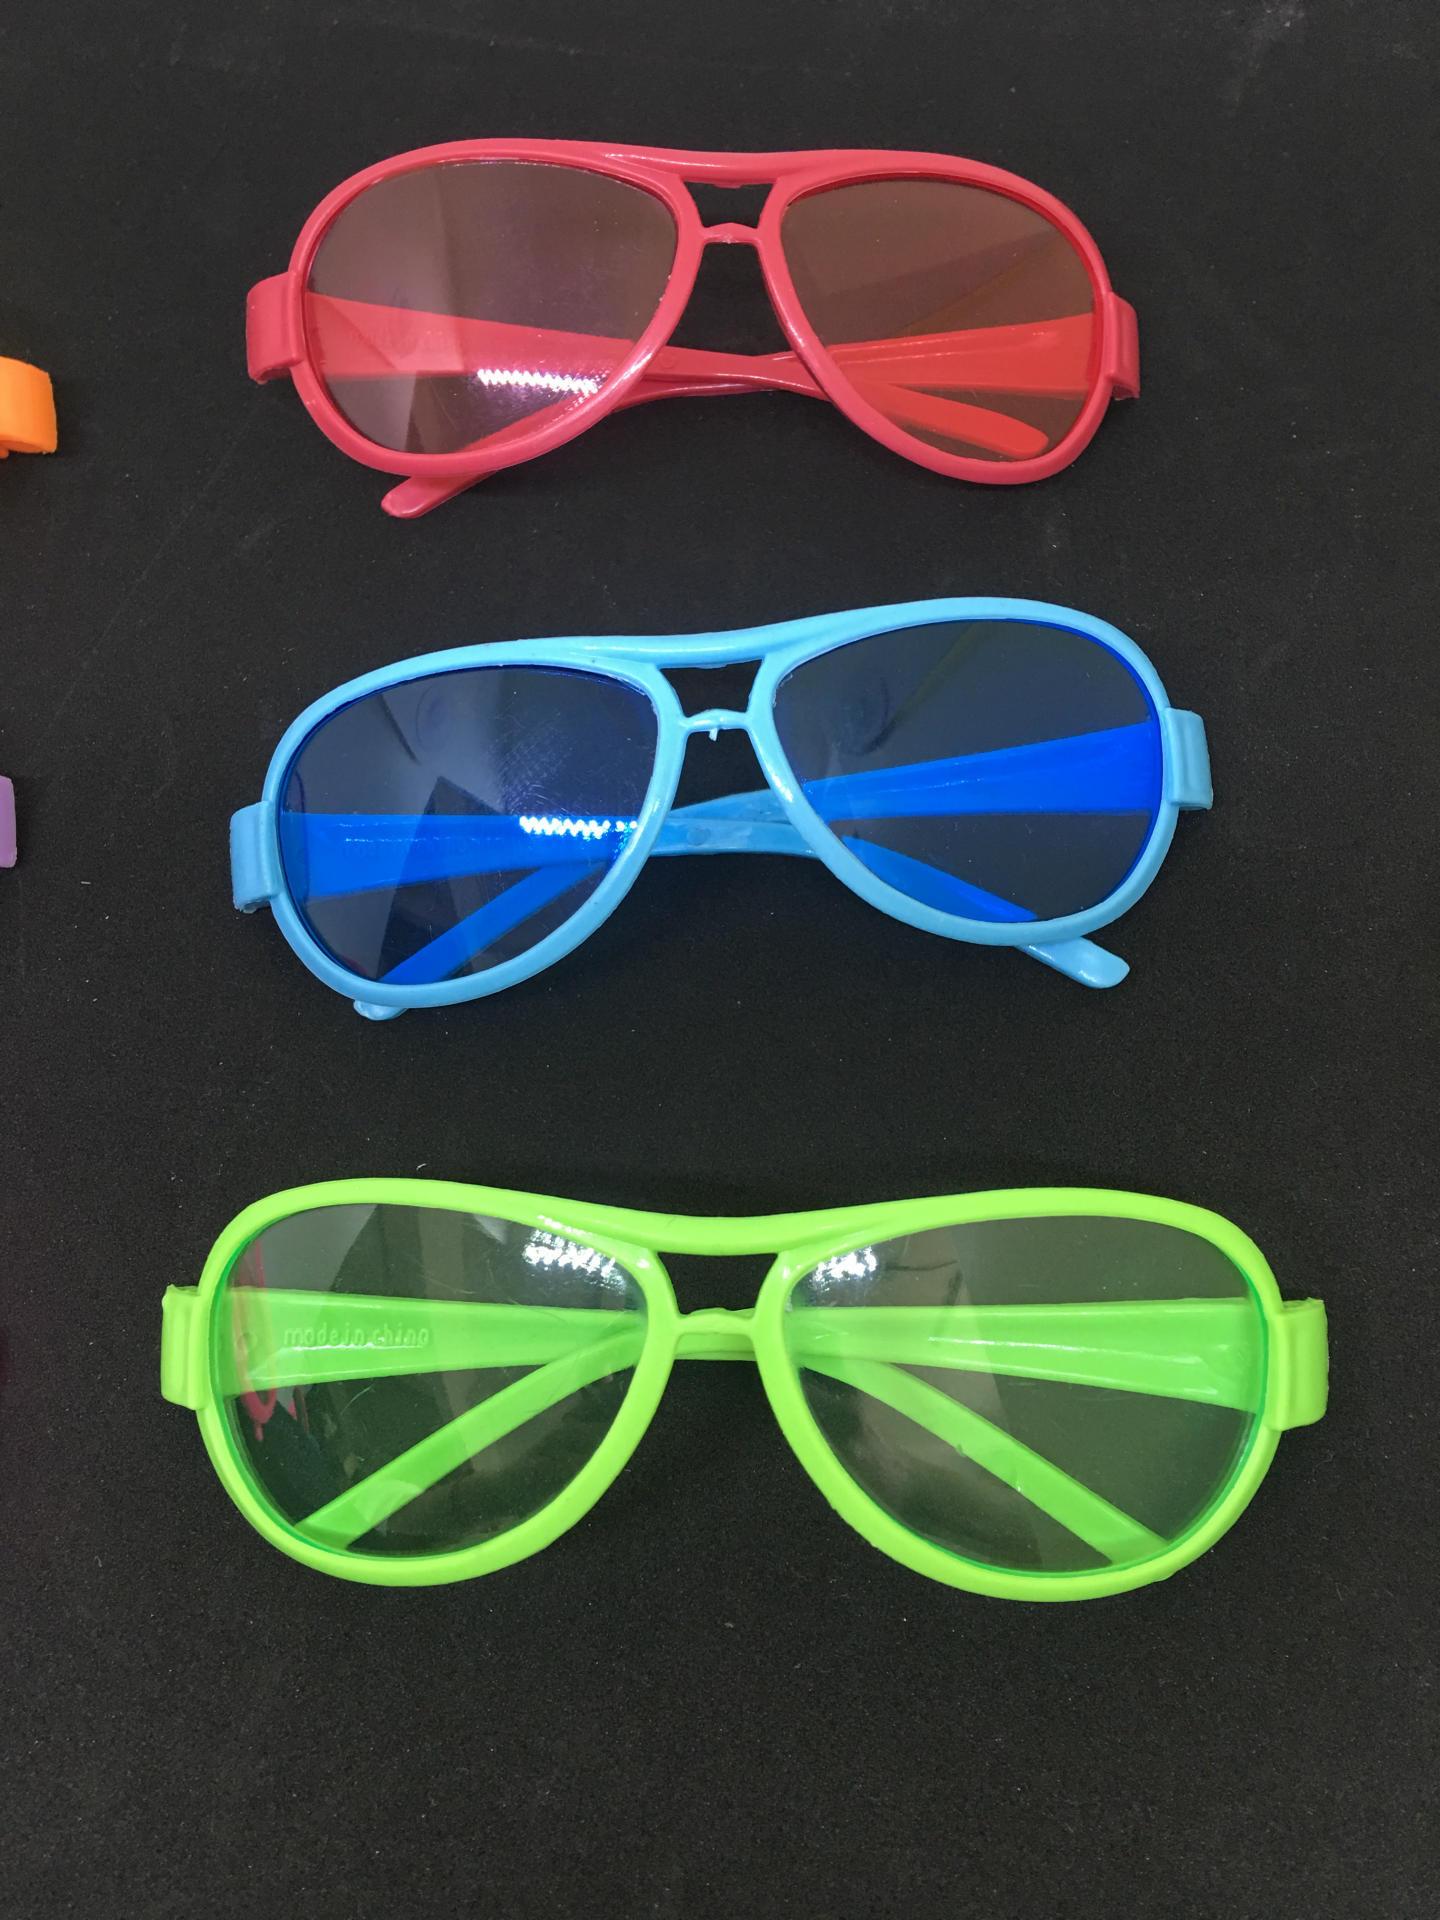 跨境專供兒童玩具裝扮太陽眼鏡兩元店地攤貨小雷朋款兒童墨鏡